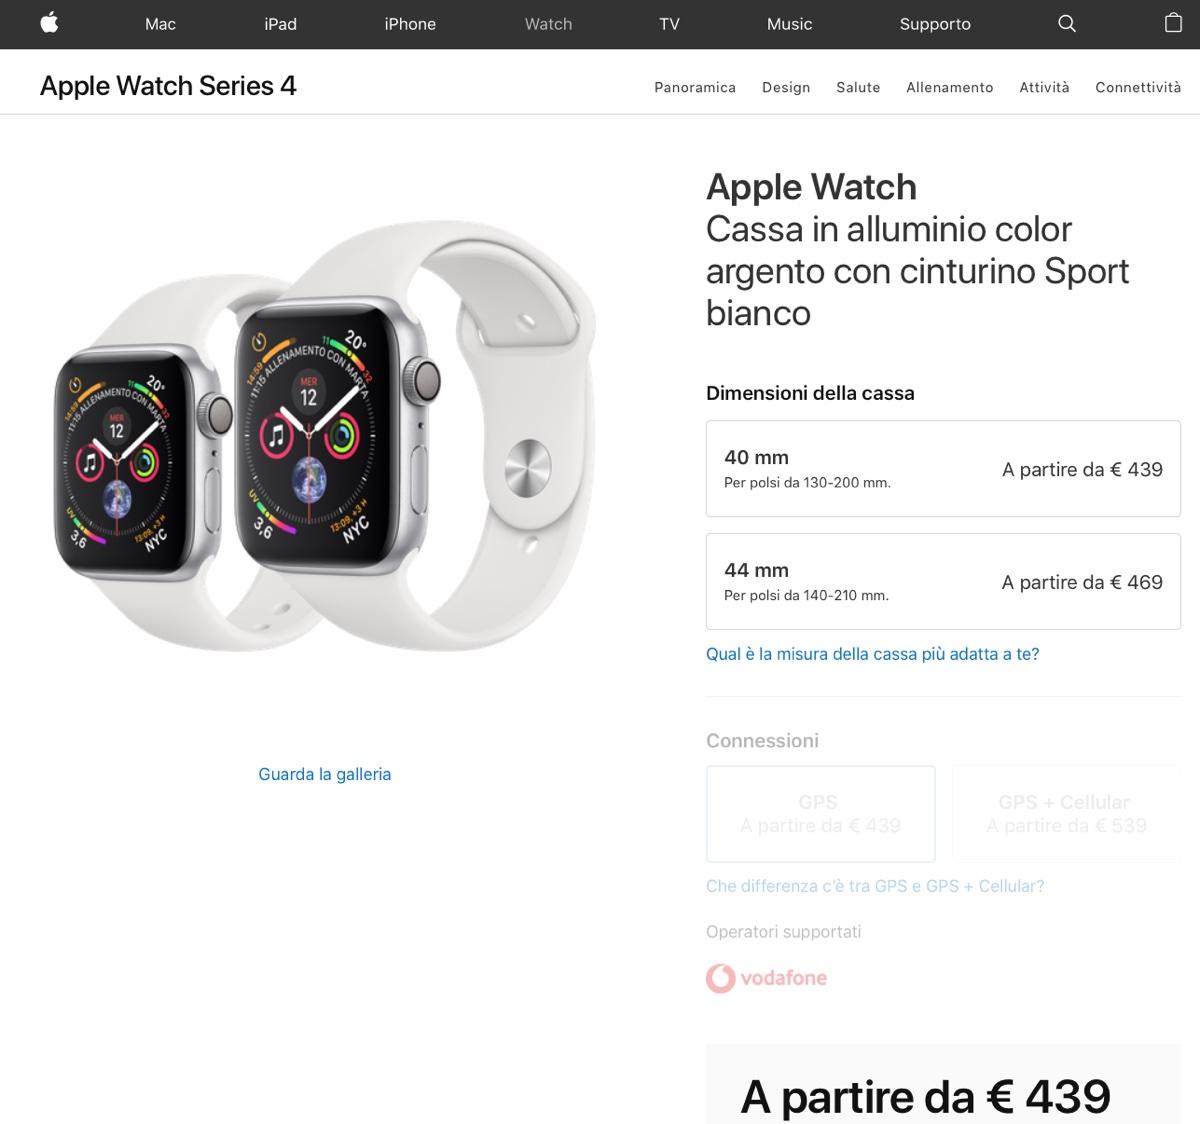 Apple Store disponibile, iniziano i preordini iPhone XS, XS Max e Apple Watch 4